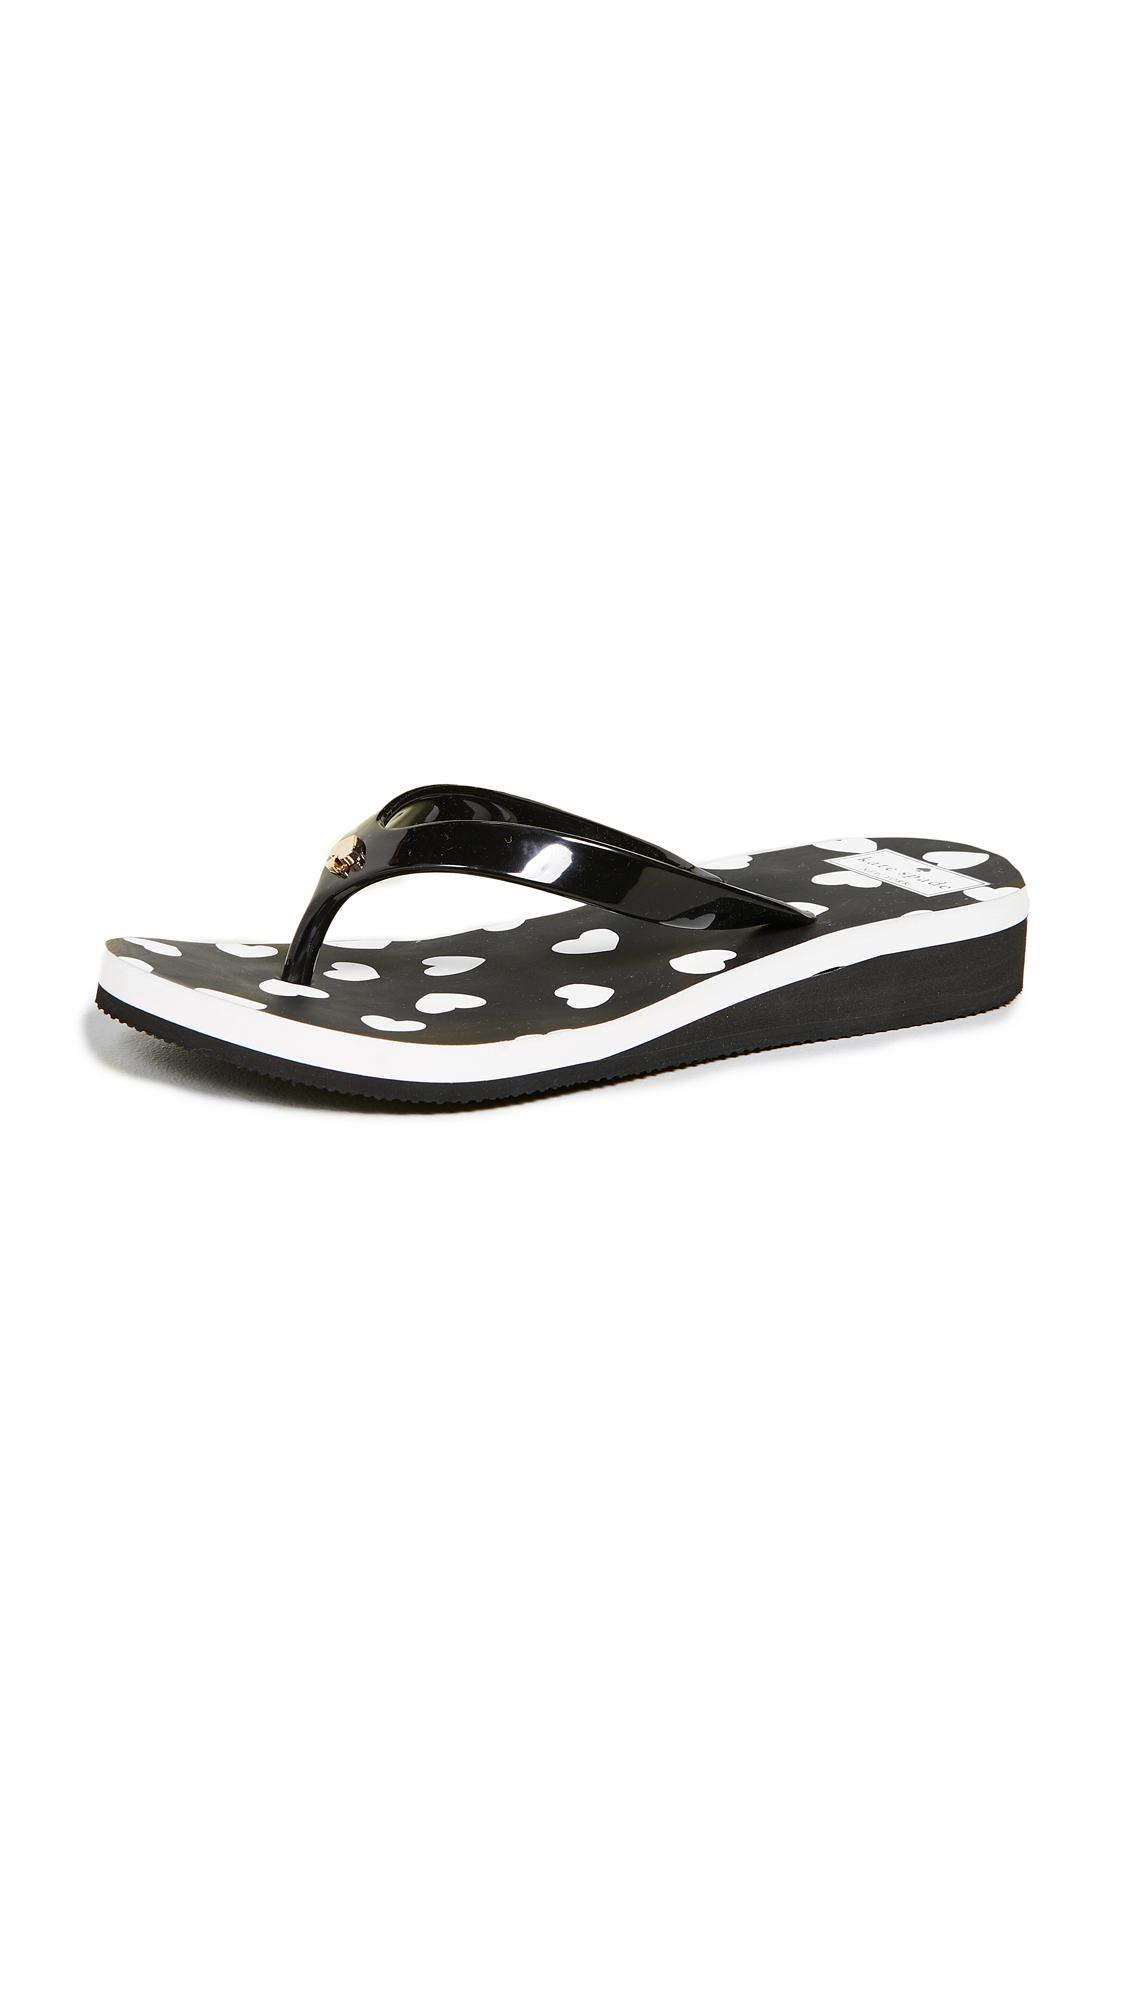 Kate Spade New York Milli Flip Flops - Black/White